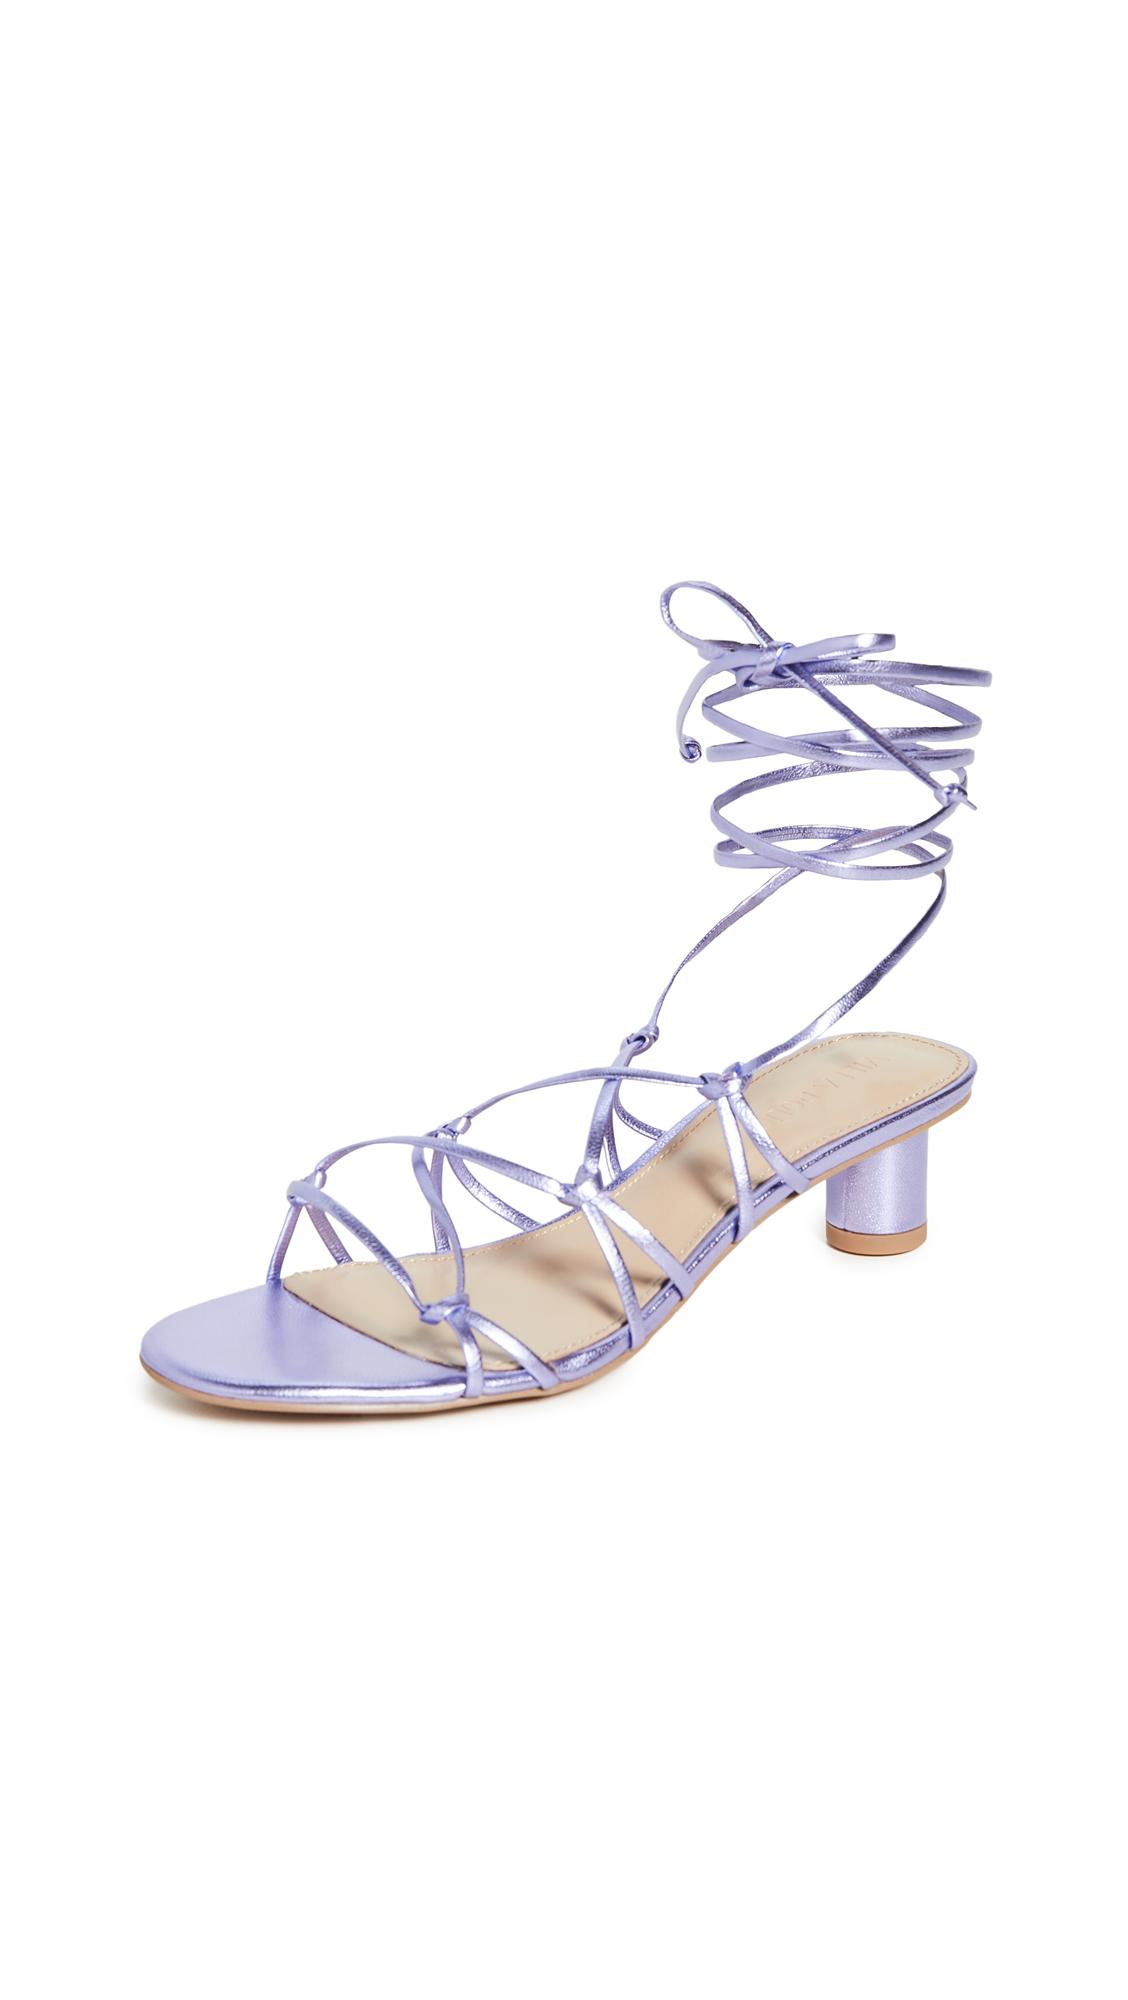 Buy Villa Rouge Cashmere Sandals online, shop Villa Rouge